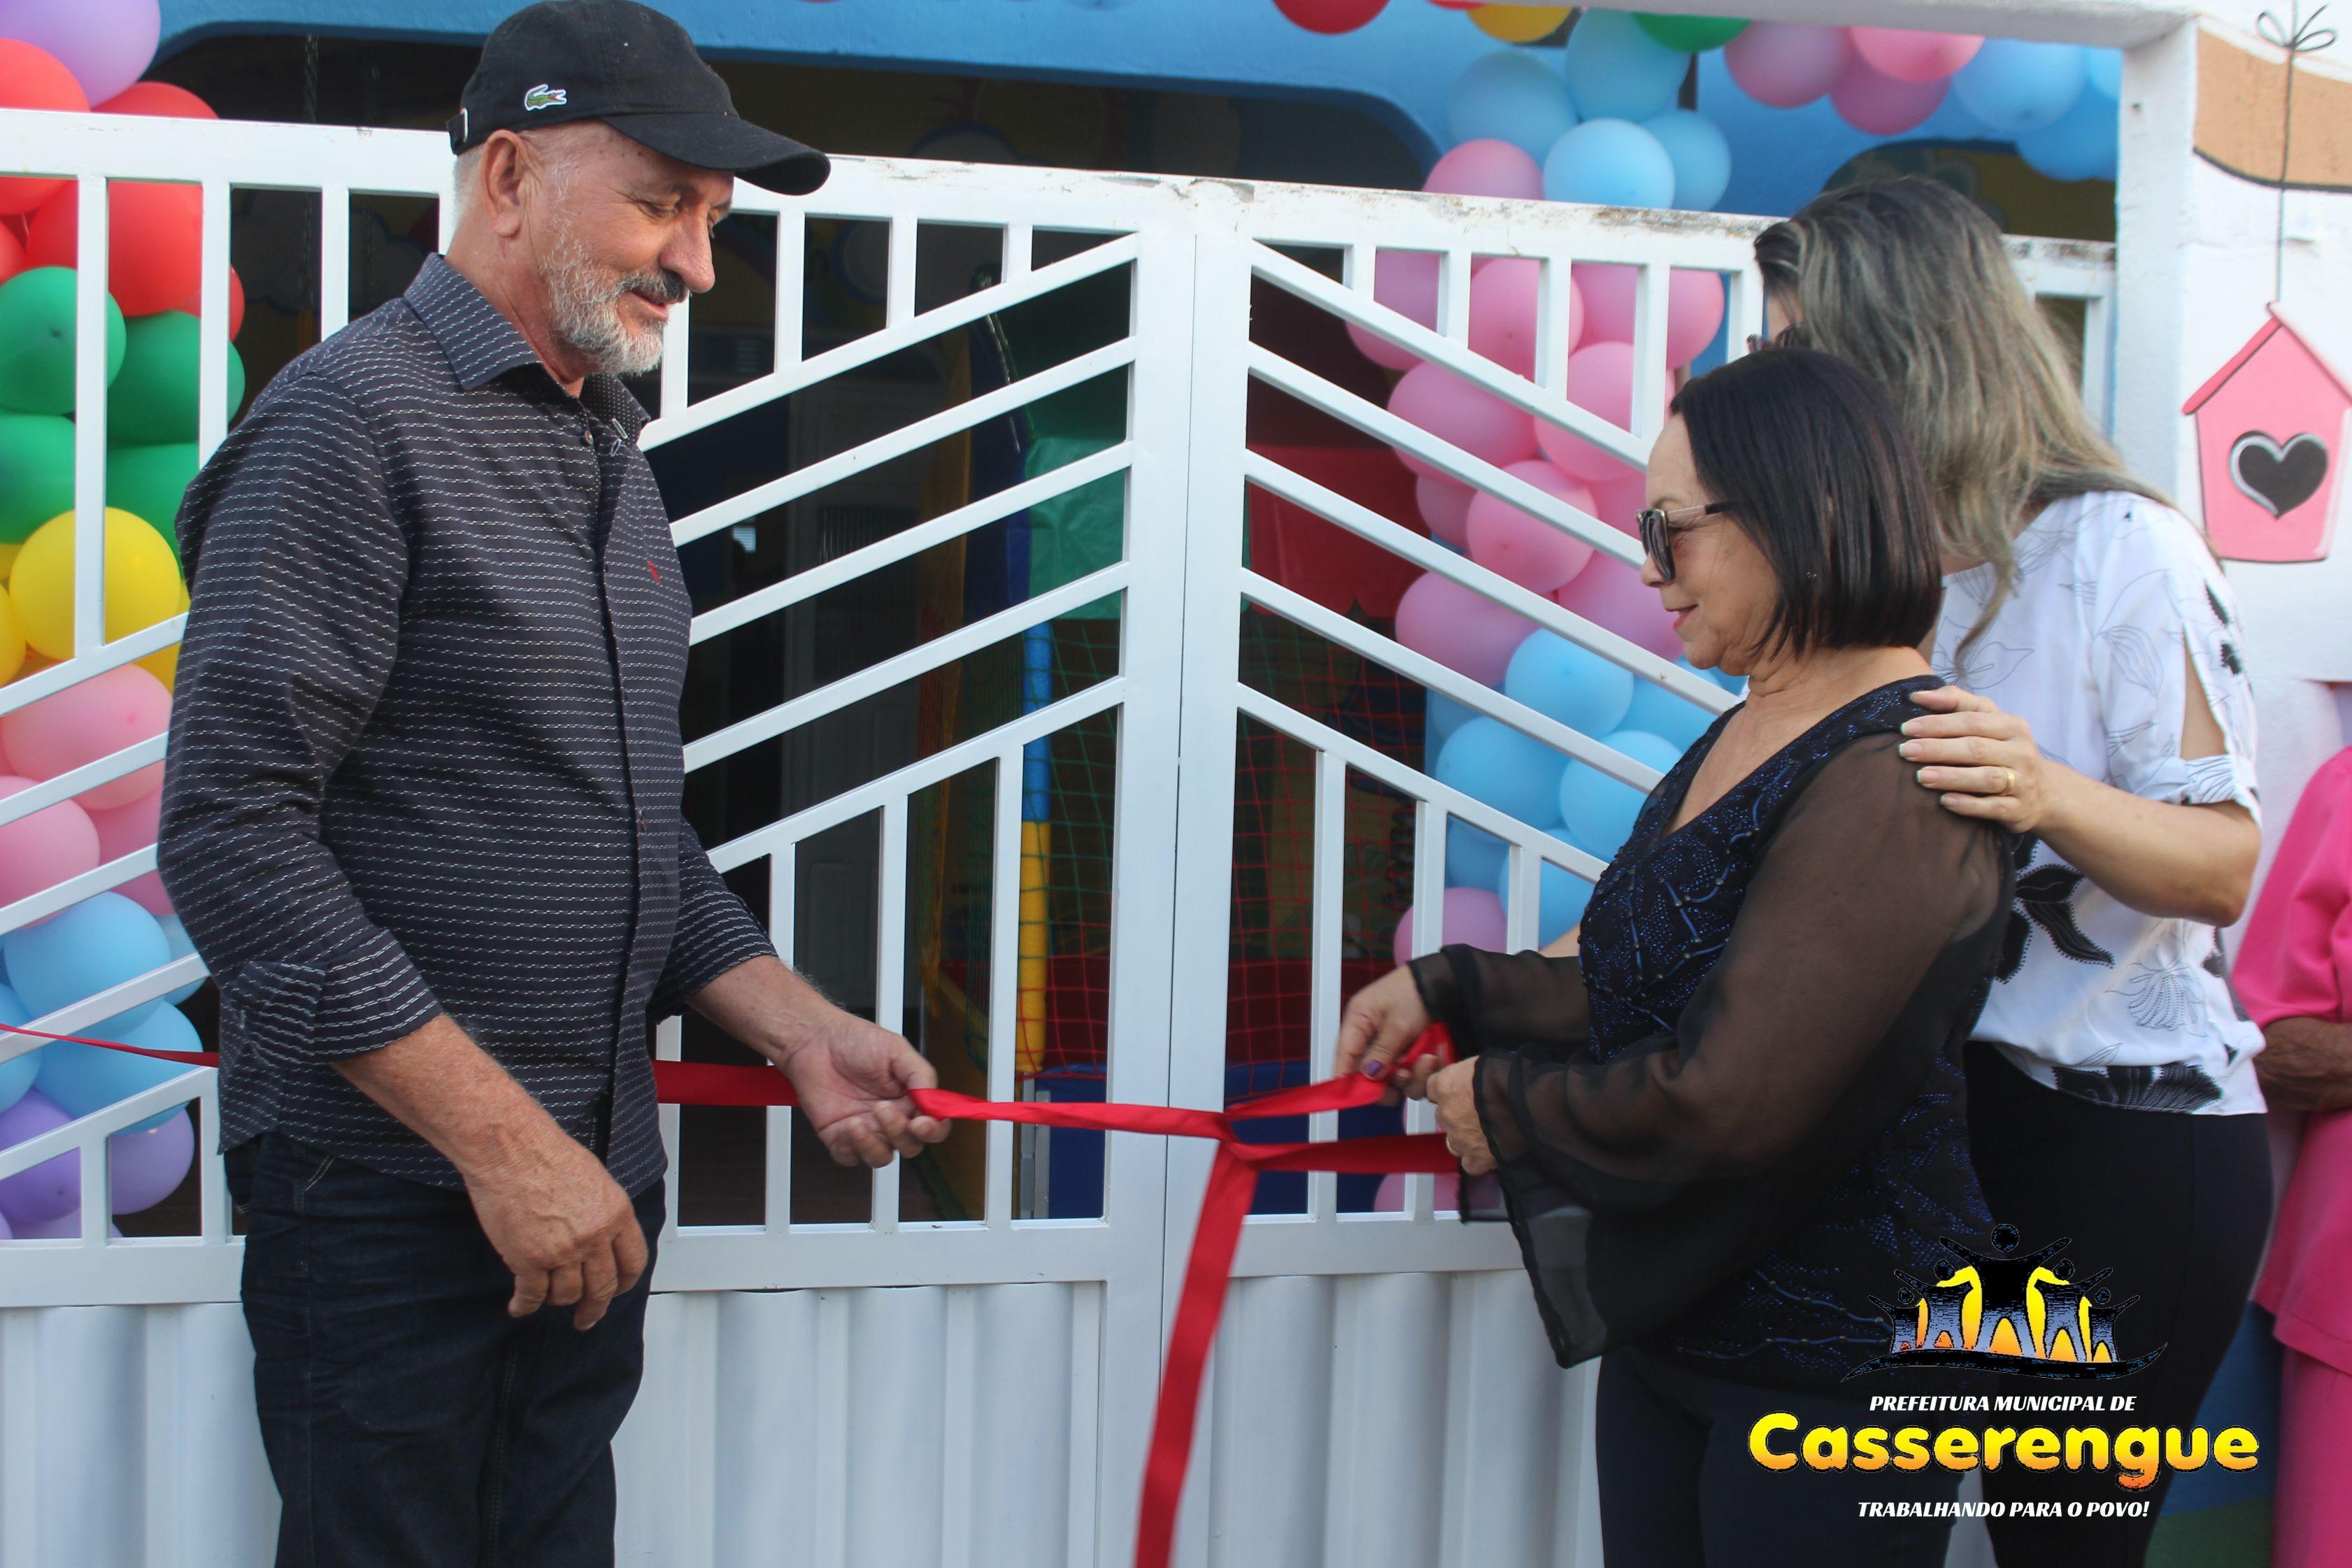 Inauguração histórica da primeira Creche Municipal de Casserengue